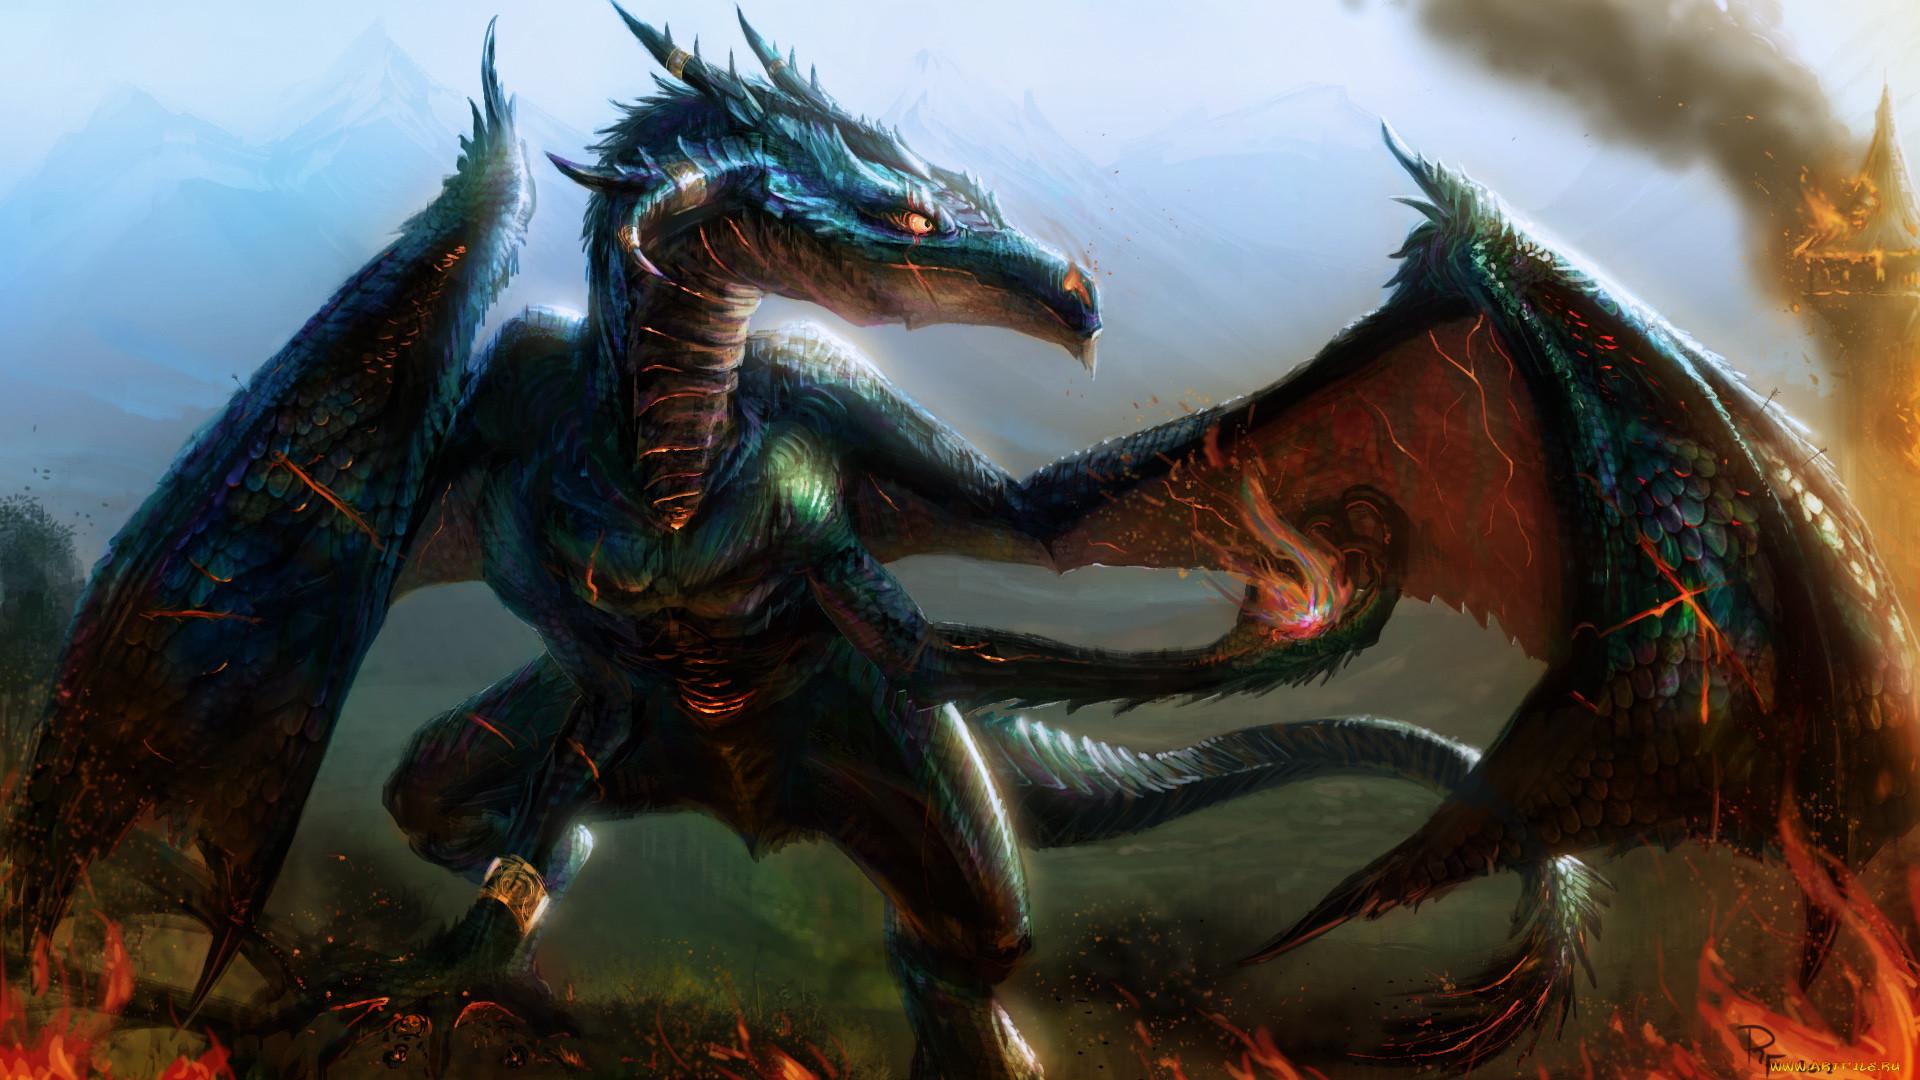 высокого мега крутые картинки драконы некоторых аквапарках